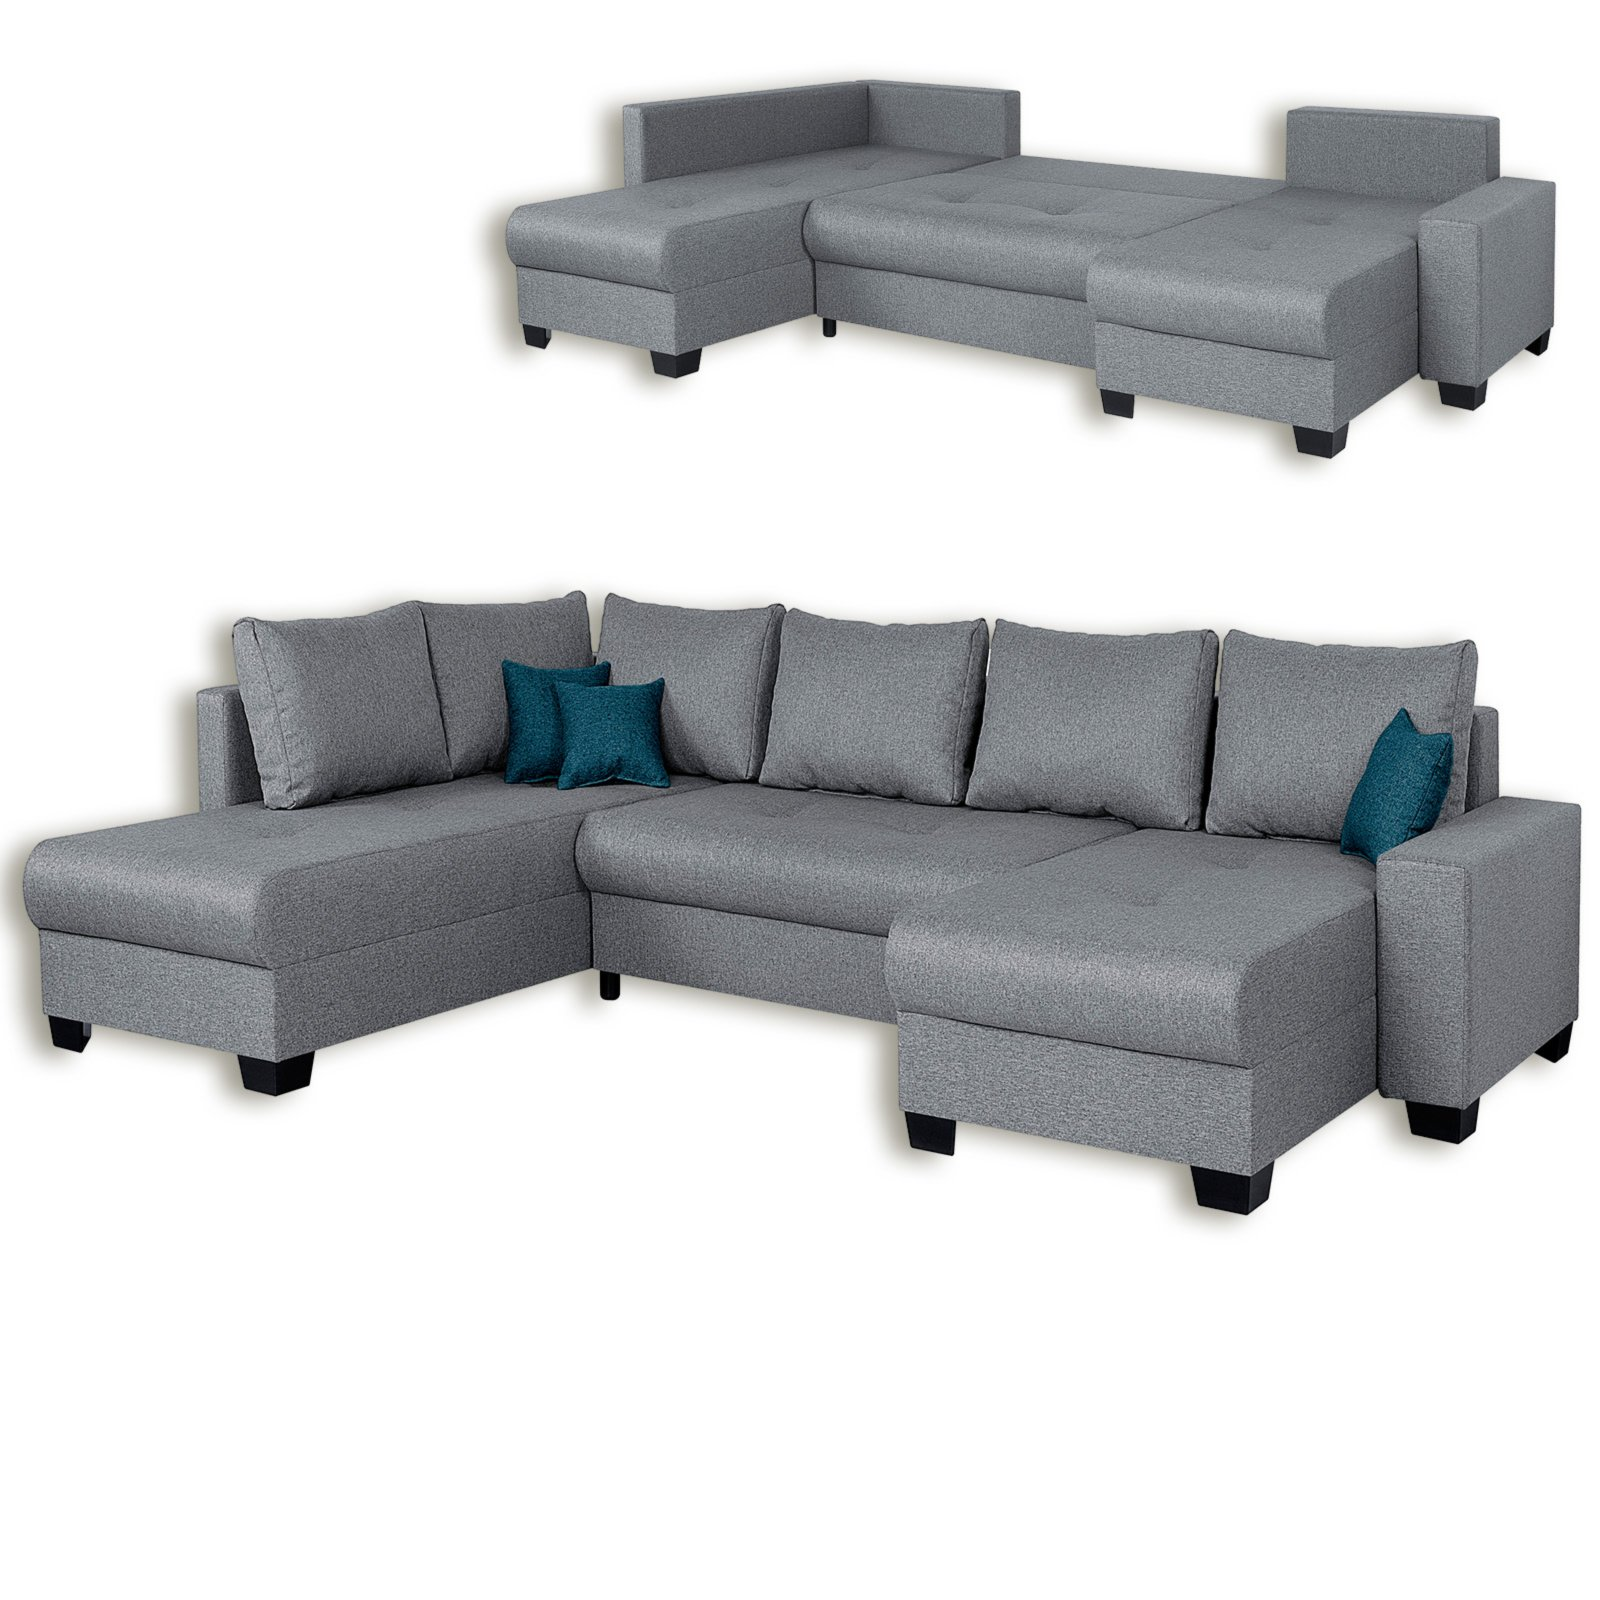 wohnlandschaft grau webstoff liegefunktion wohnlandschaften u form sofas couches. Black Bedroom Furniture Sets. Home Design Ideas